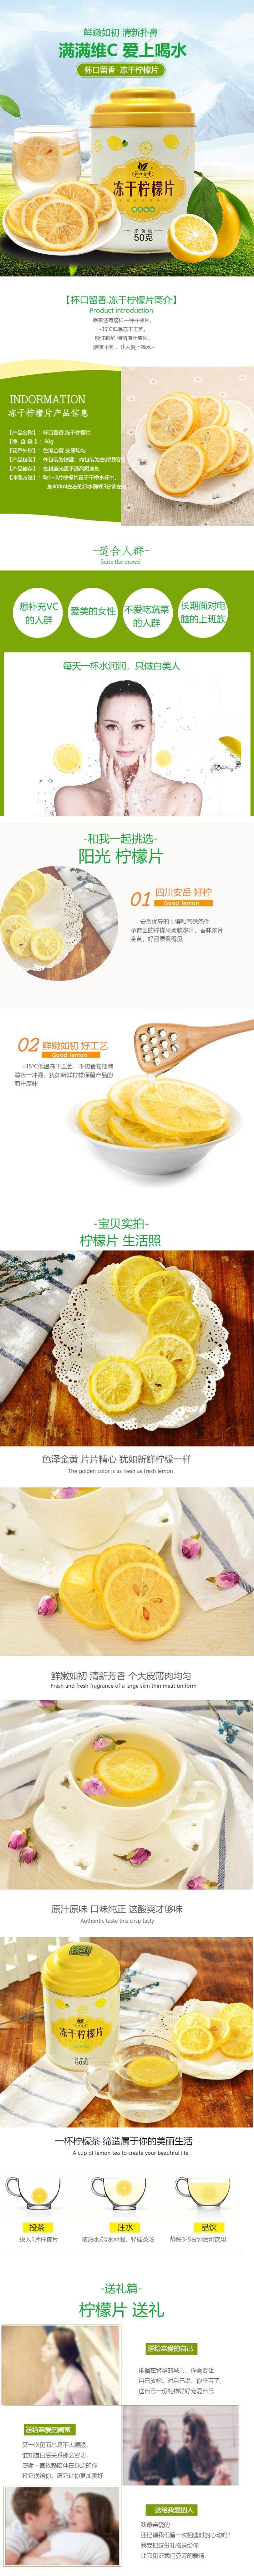 清新留香冻干柠檬片电商详情页